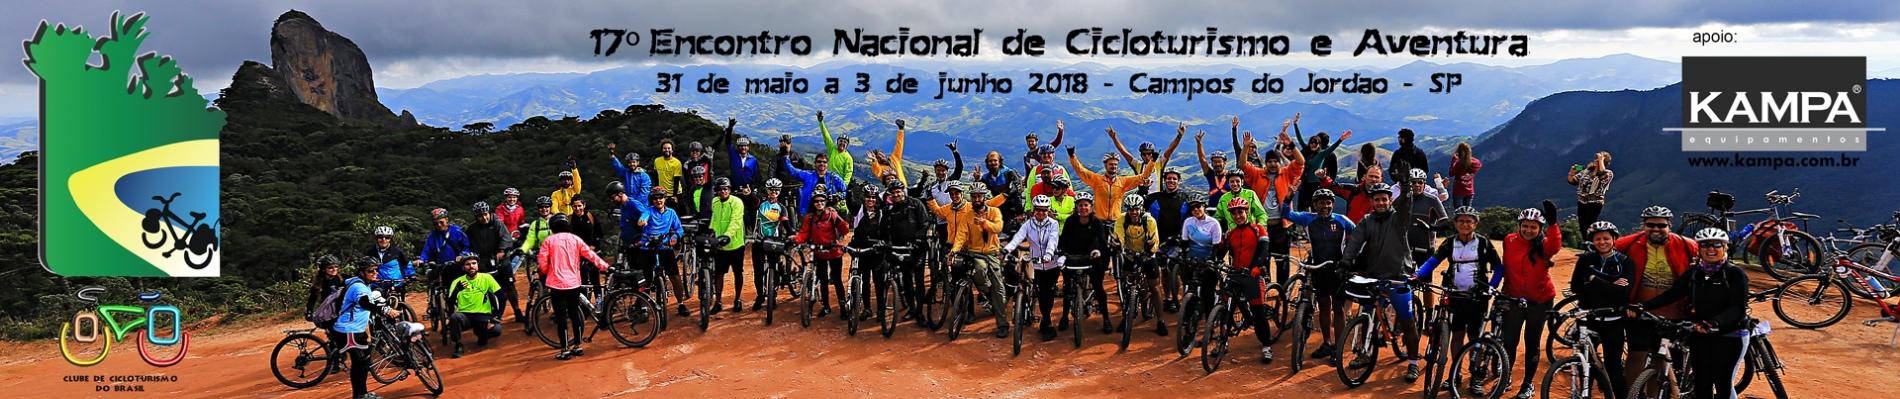 17º ENCONTRO NACIONAL DE CICLOTURISMO E AVENTURA - 2018 - Imagem de topo